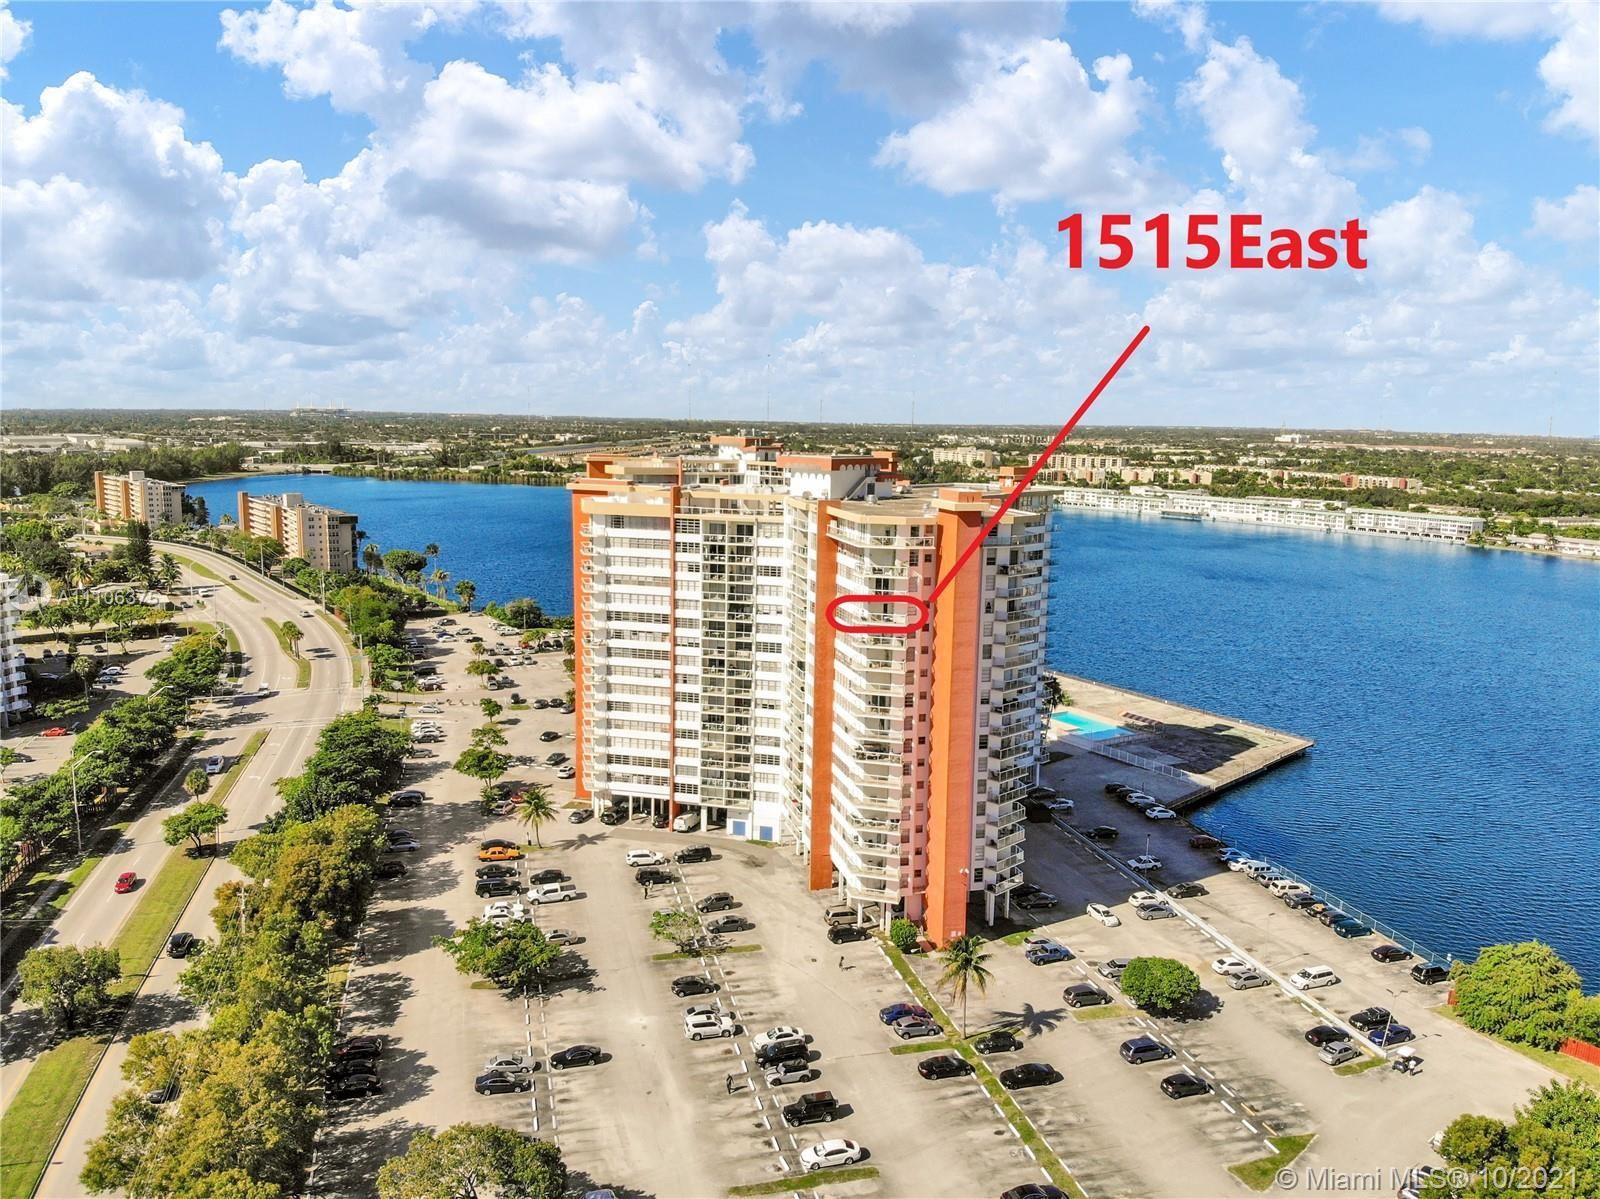 1351 NE Miami Gardens Dr #1515E, Miami, FL 33179 - #: A11106375